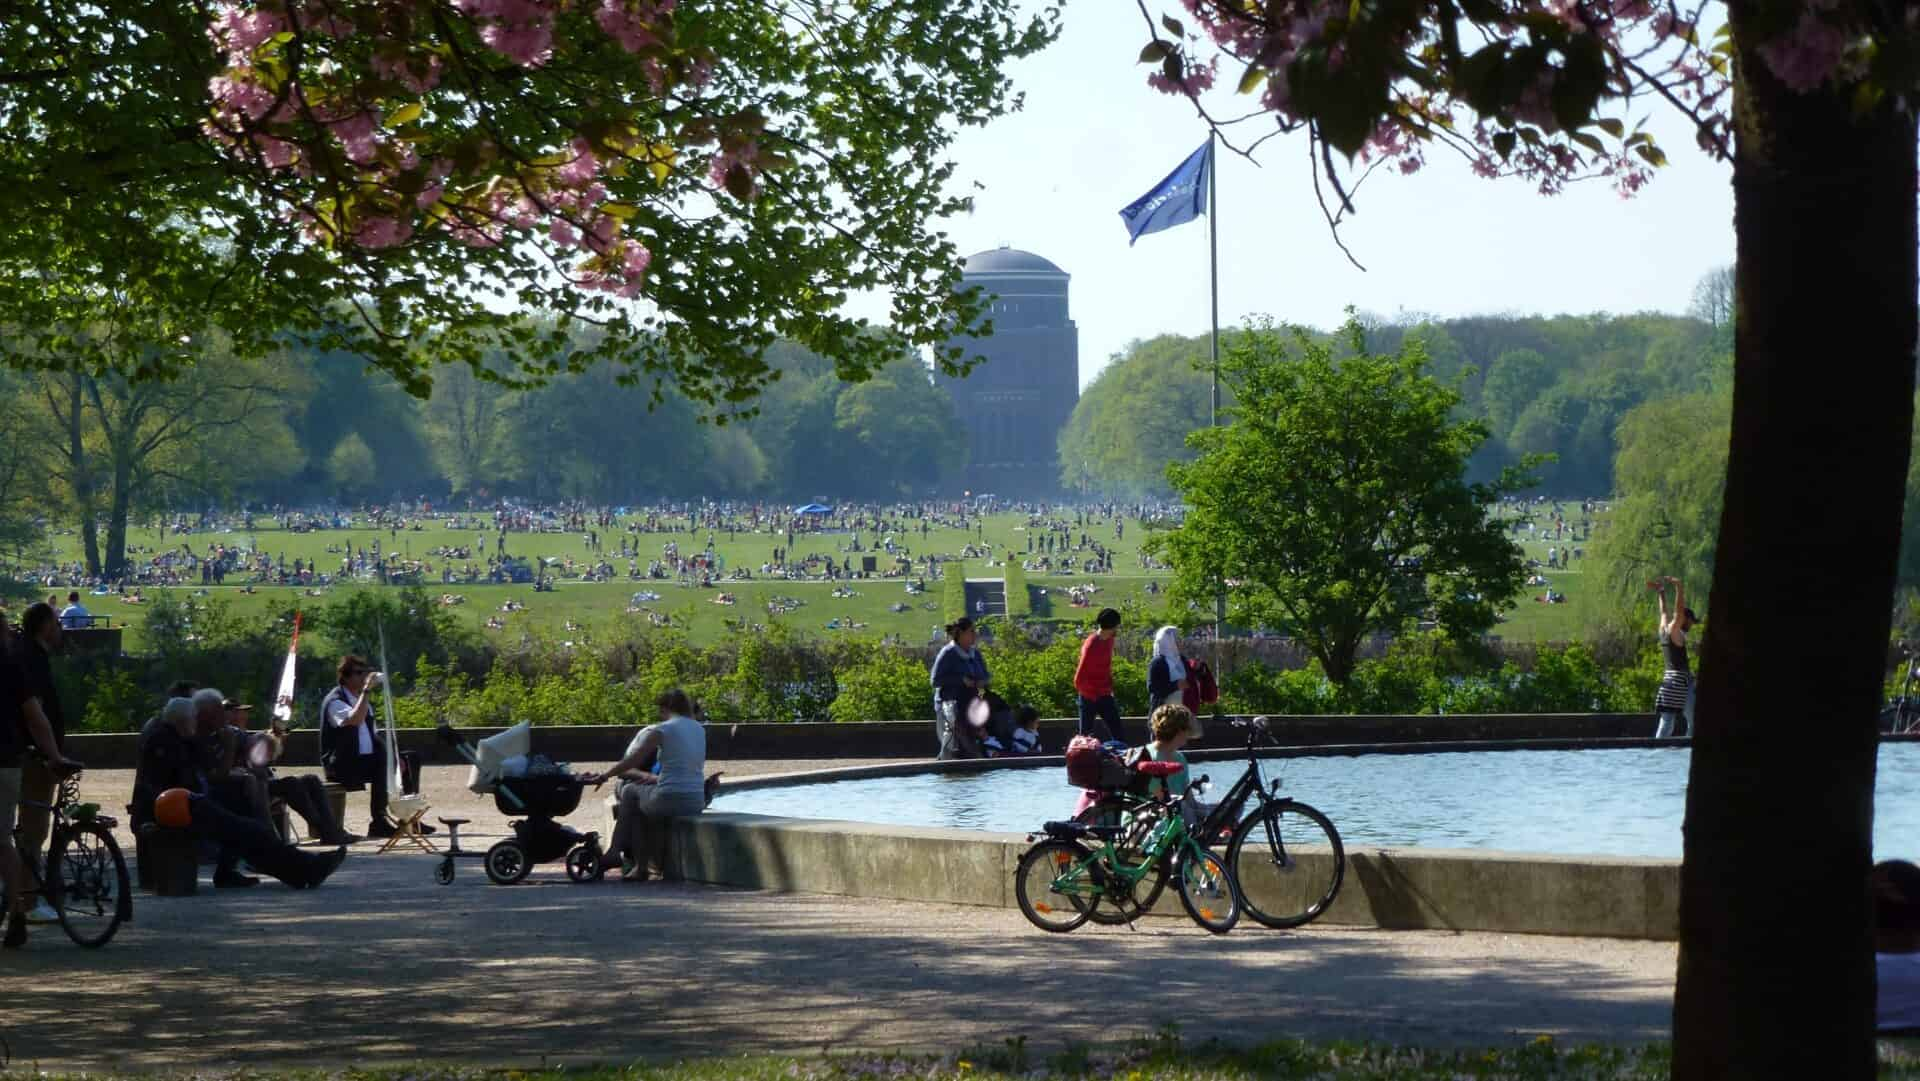 Rundgang Stadtparksee und Große Festwiese - Foto: Rainer Schneehorst